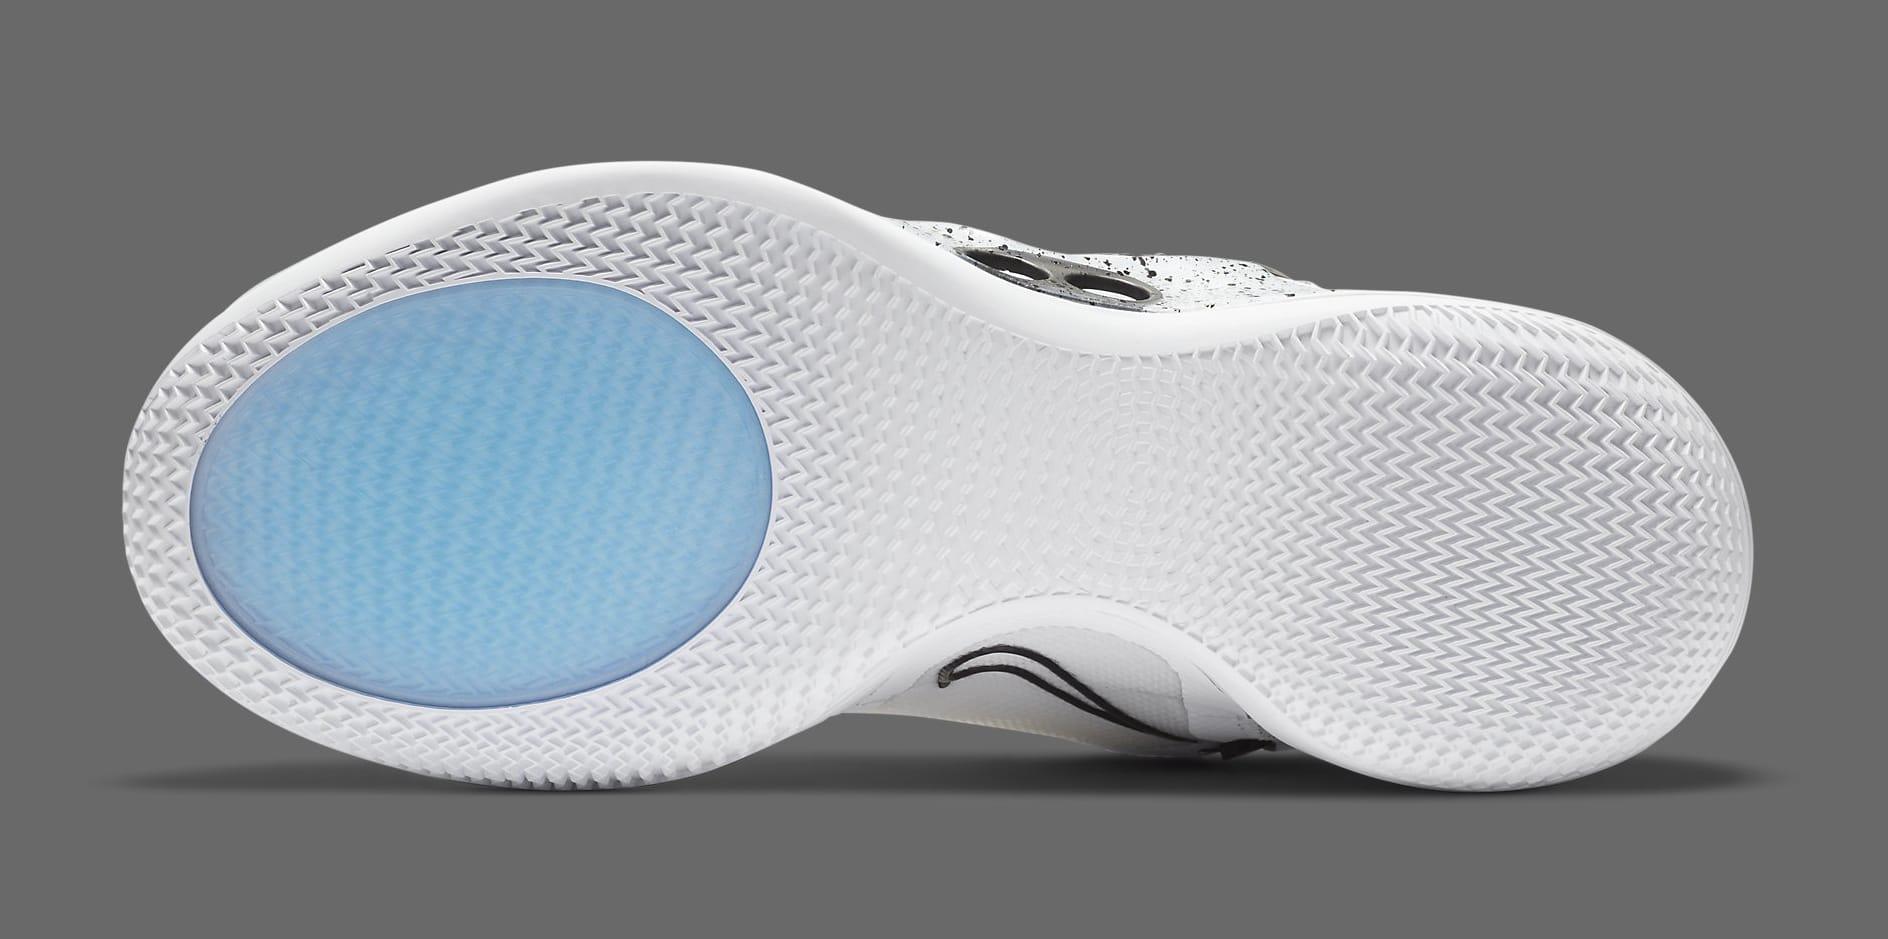 Nike Adapt BB 2.0 'Oreo' BQ5397-101 Outsole